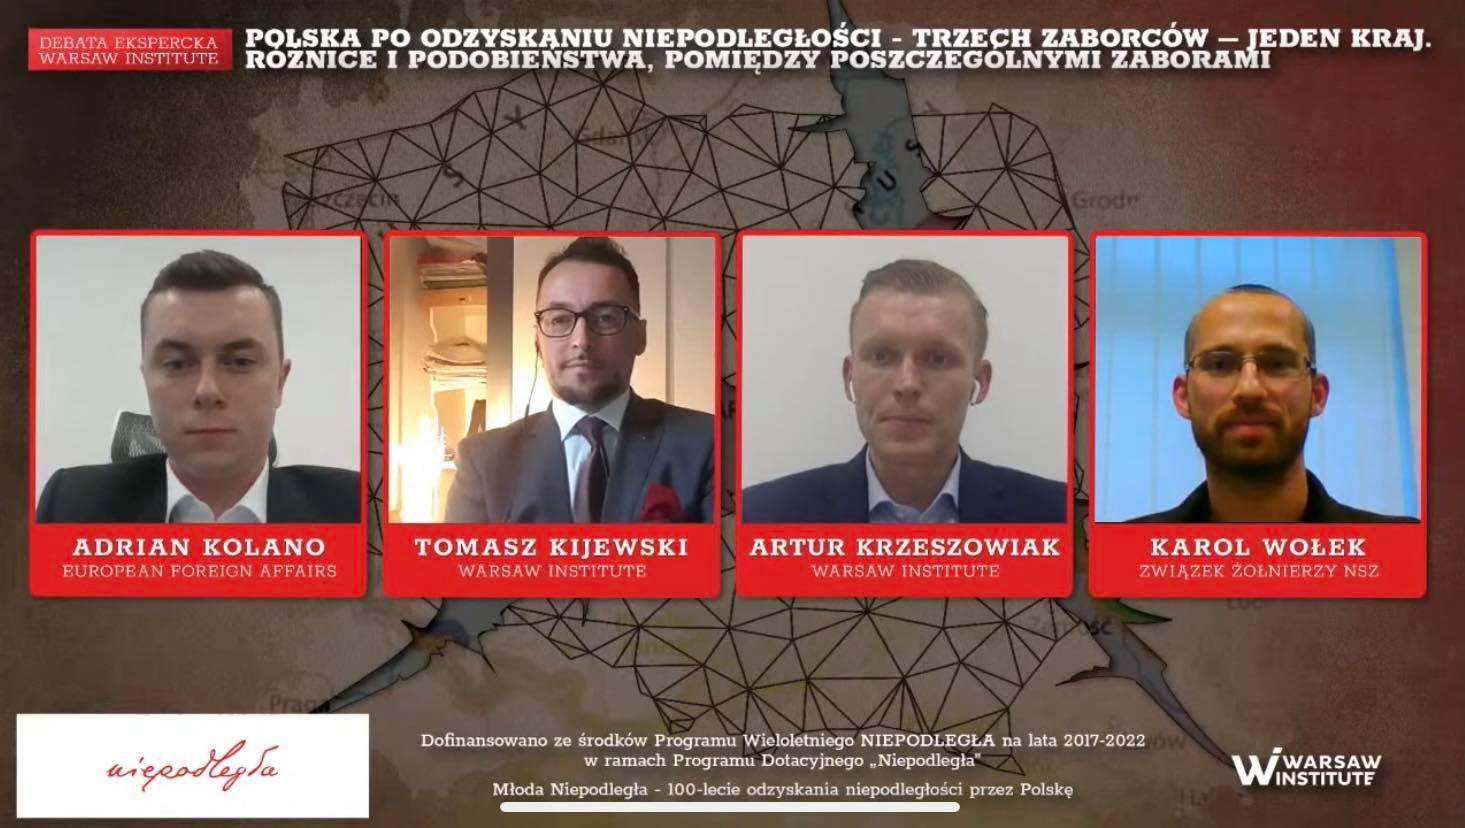 Polska po odzyskaniu niepodległości — trzech zaborców — jeden kraj. Różnice i podobieństwa, pomiędzy poszczególnymi zaborami